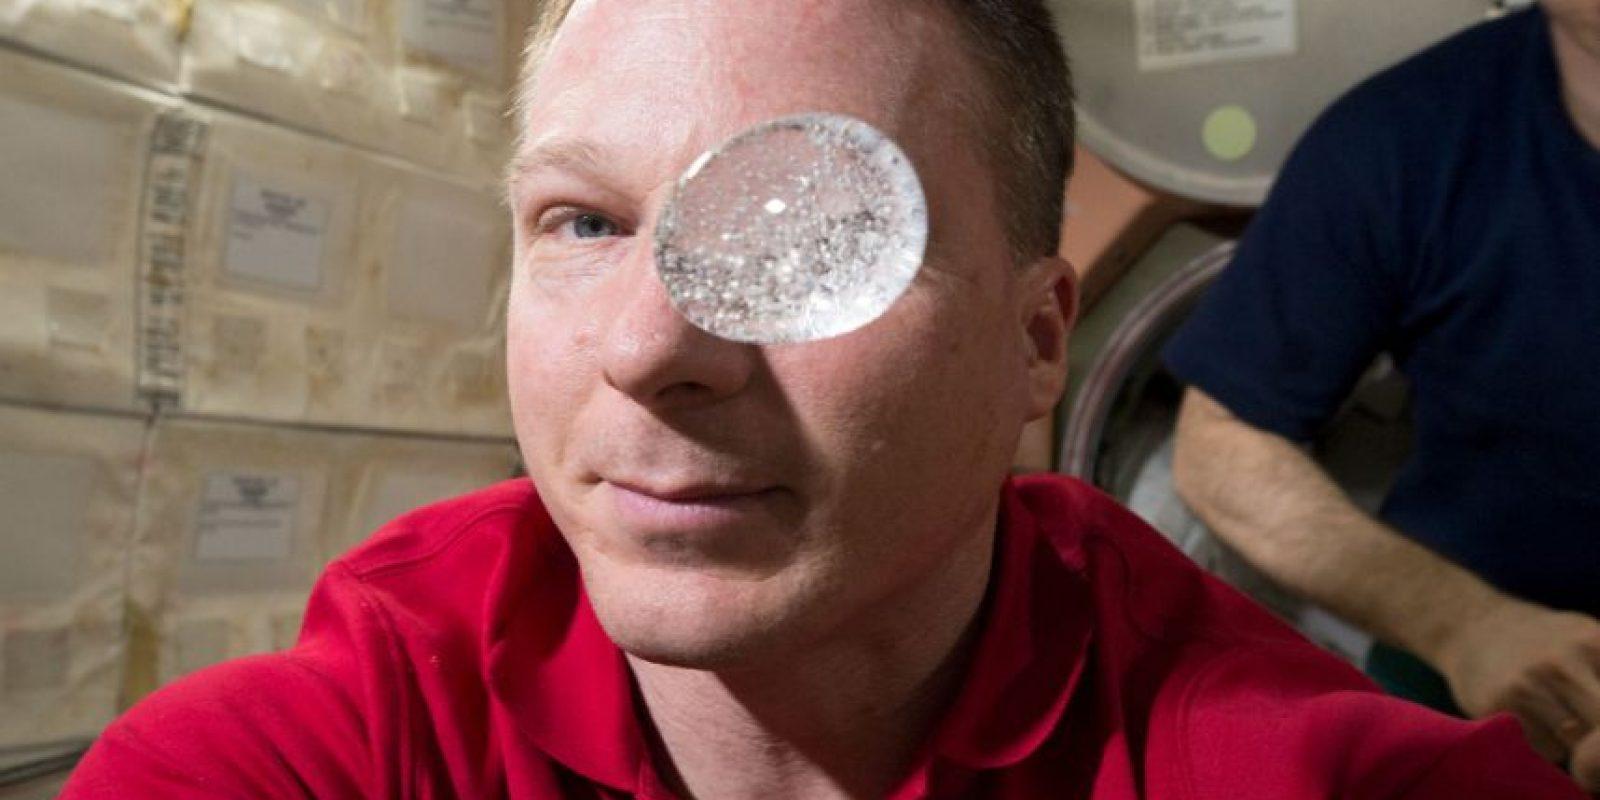 El astronauta Terry Virts fue quien realizó el experimento. Foto:Vía nasa.gov